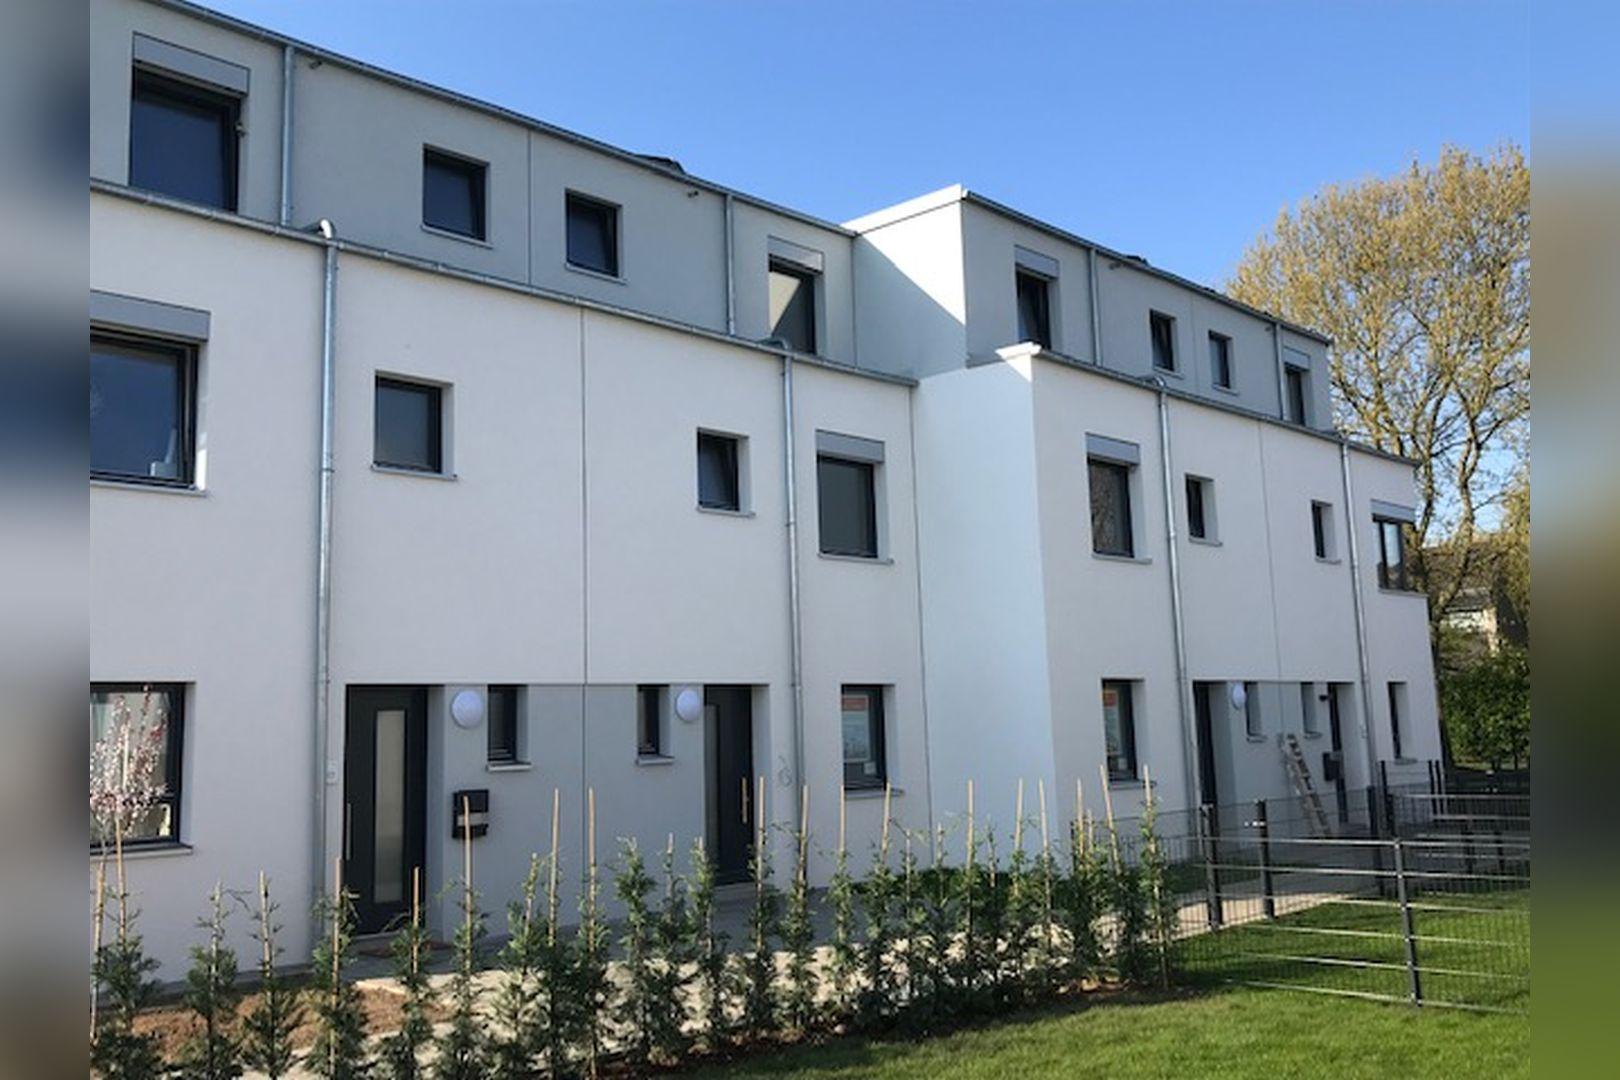 Immobilie Nr.BÖ-08 - BÖ-08; Reihen-Mittelhaus über UG-EG-OG-DG - Bild 3.jpg